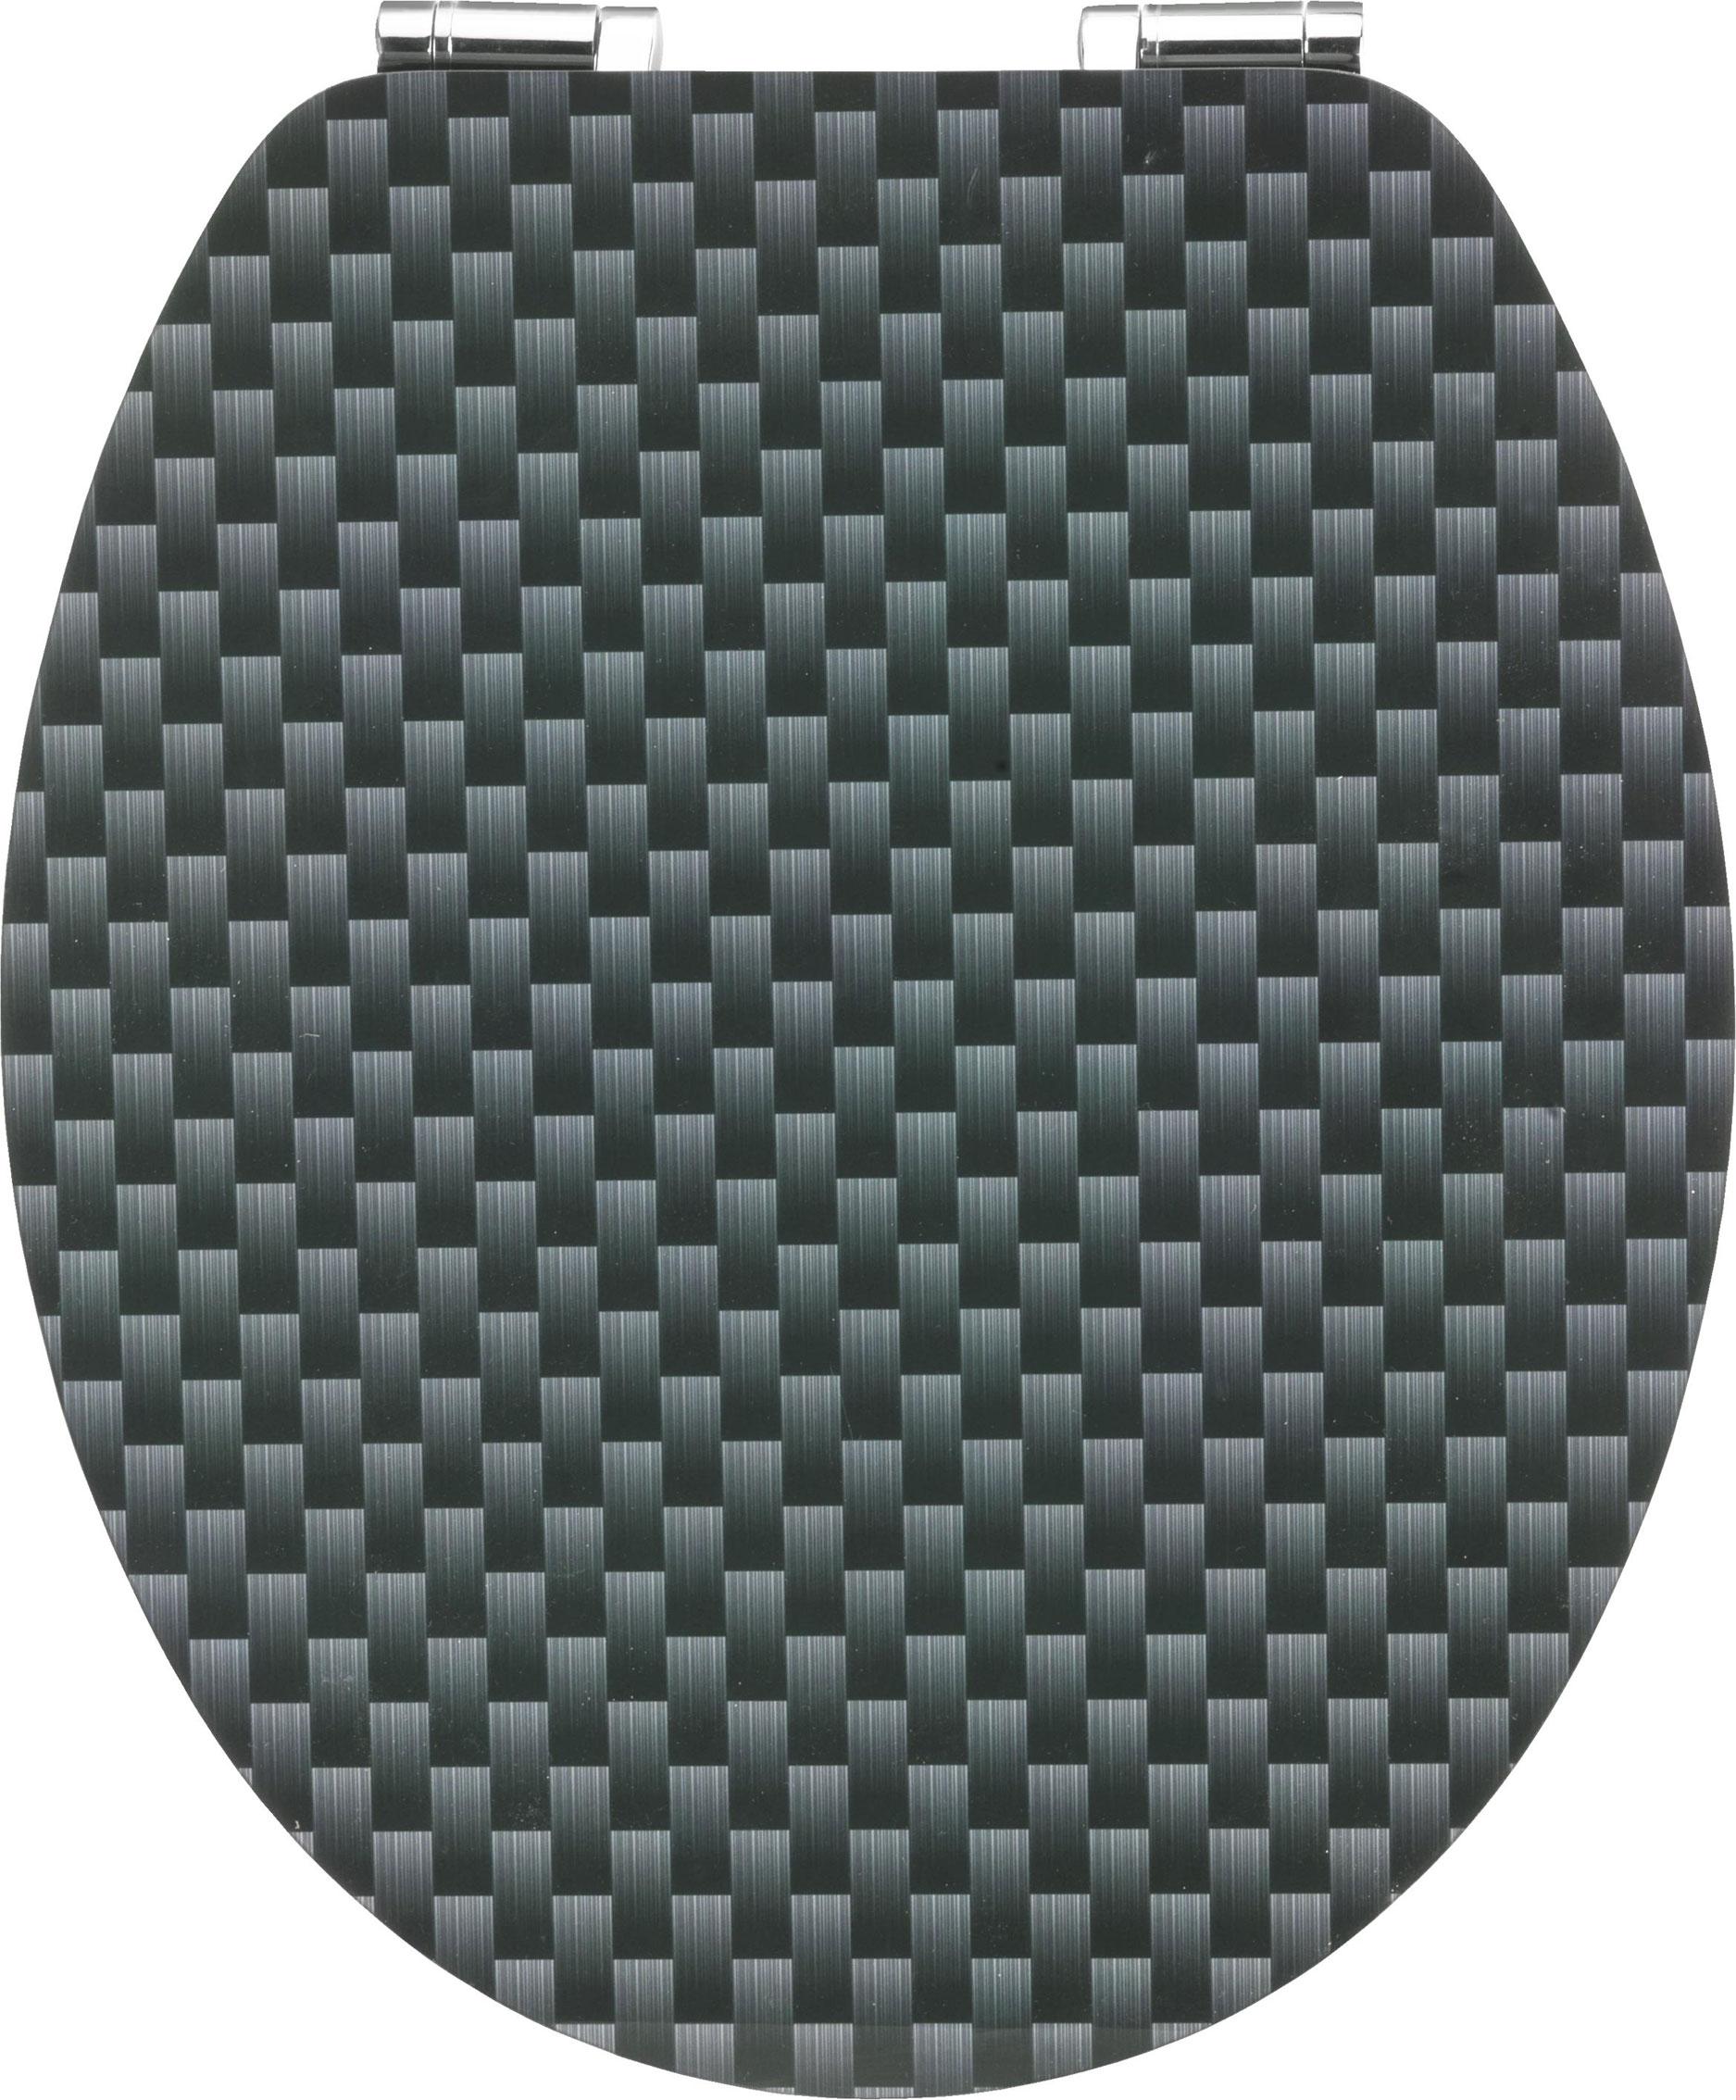 Corna WC-Sitz / Toilettendeckel Absenkautomatik Art of Acryl Carbon Bild 1